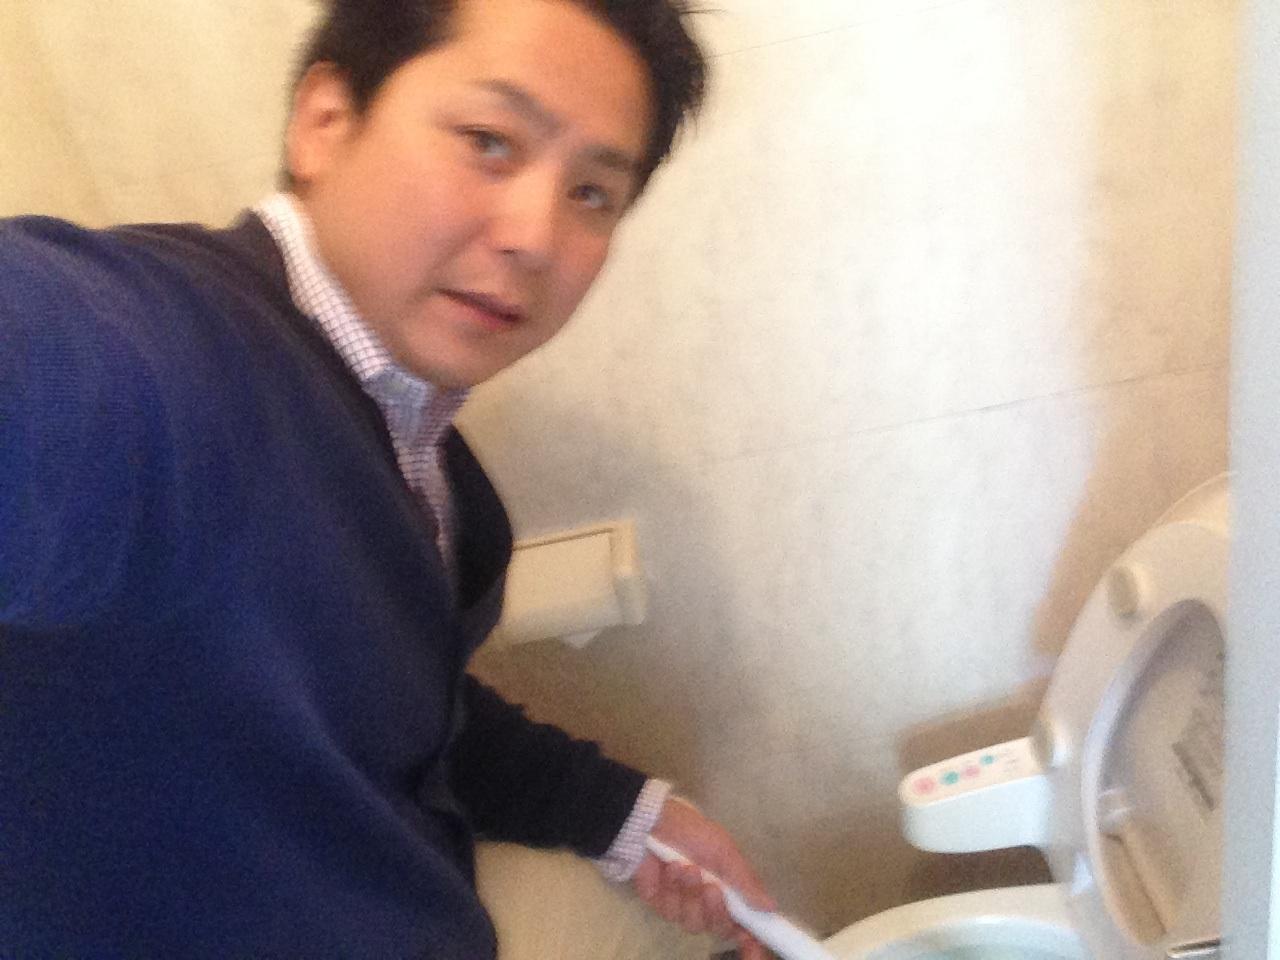 ノア・ヴォクシー・タント・ラパン・ライフ・軽自動車・店長クマブログ_b0127002_17552130.jpg